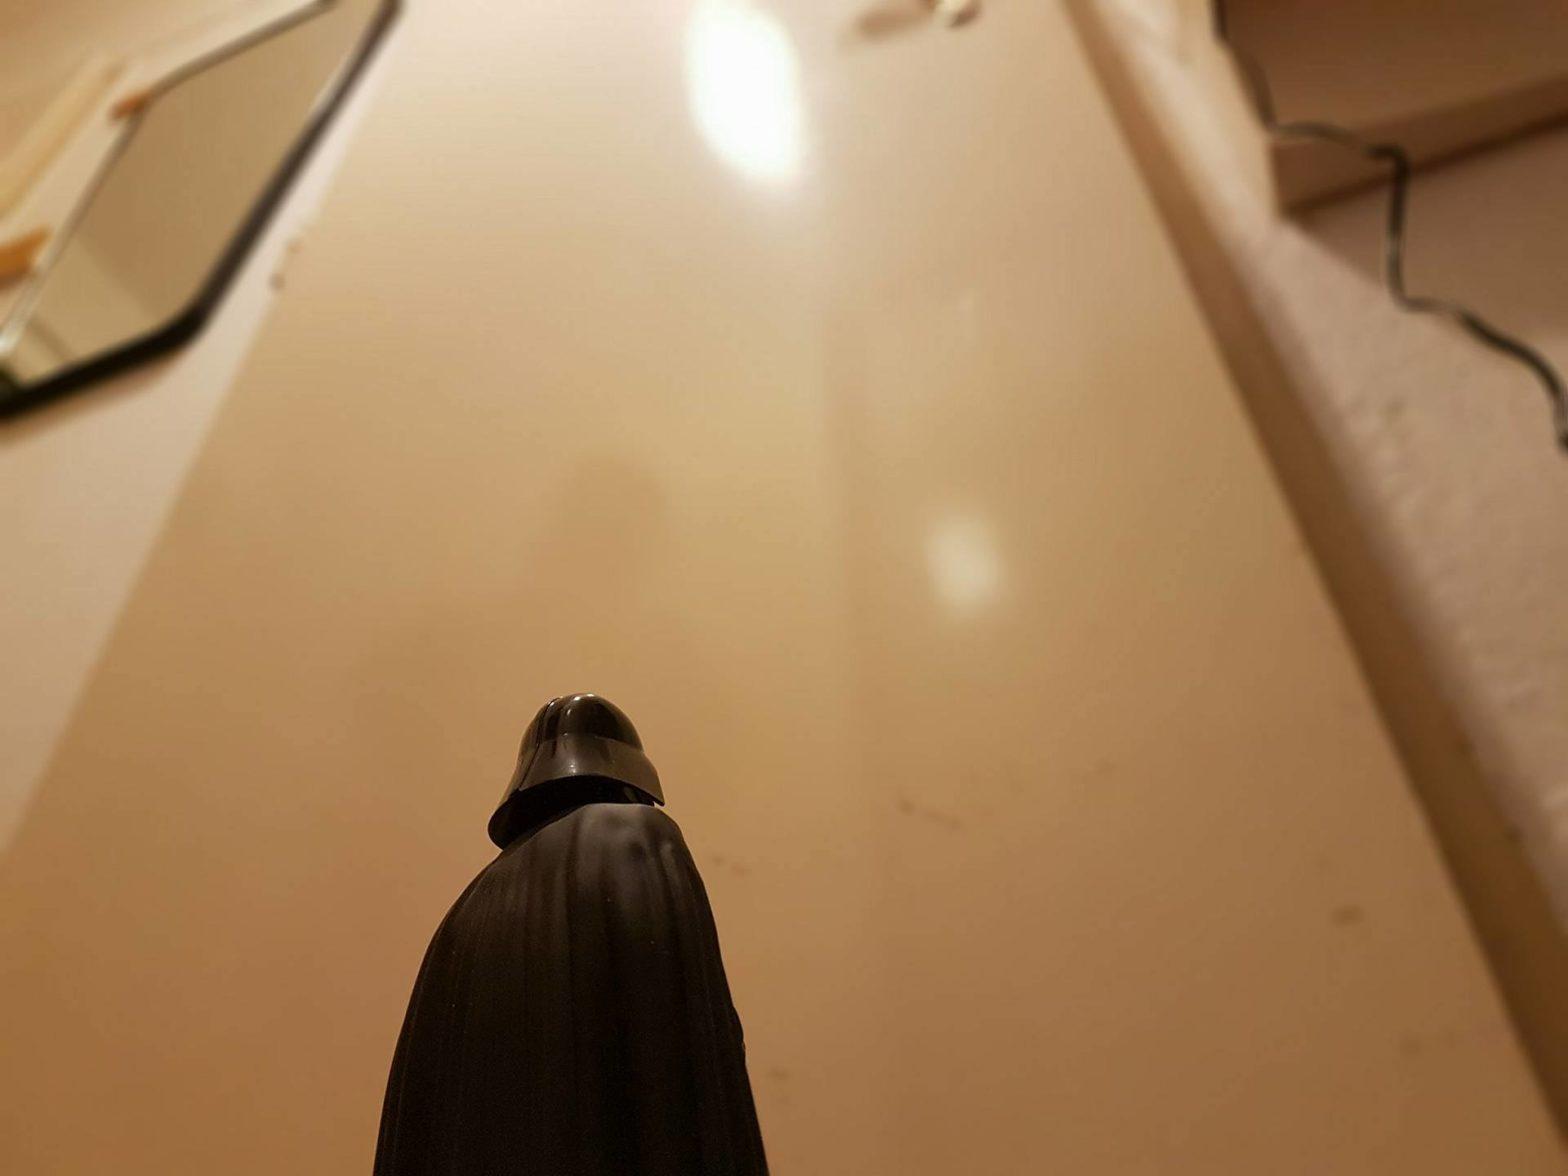 Darth Vader nemůže do koupelny, PAVLE!?